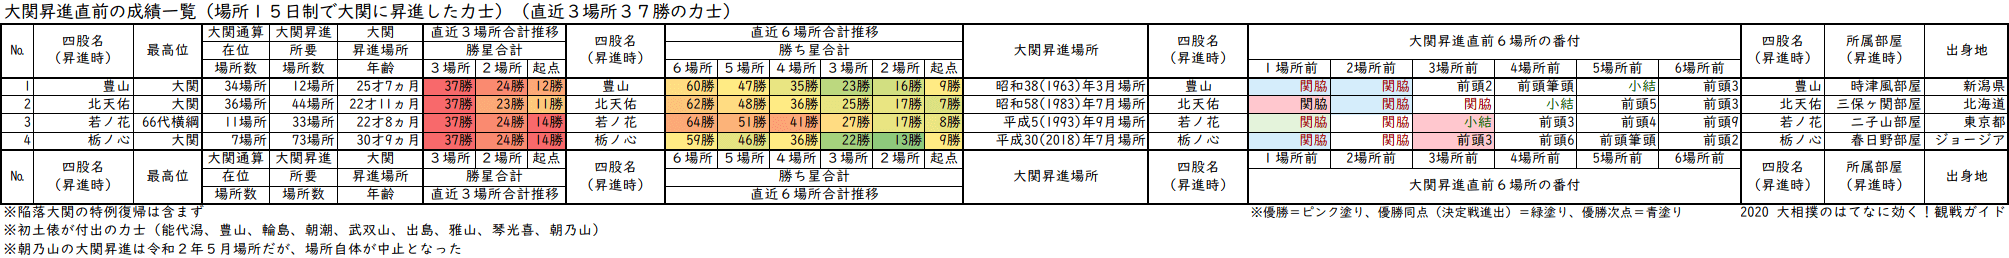 大関昇進前3場所の成績が37勝の力士一覧表・直近3場所及び直近6場所の合計勝ち星と番付